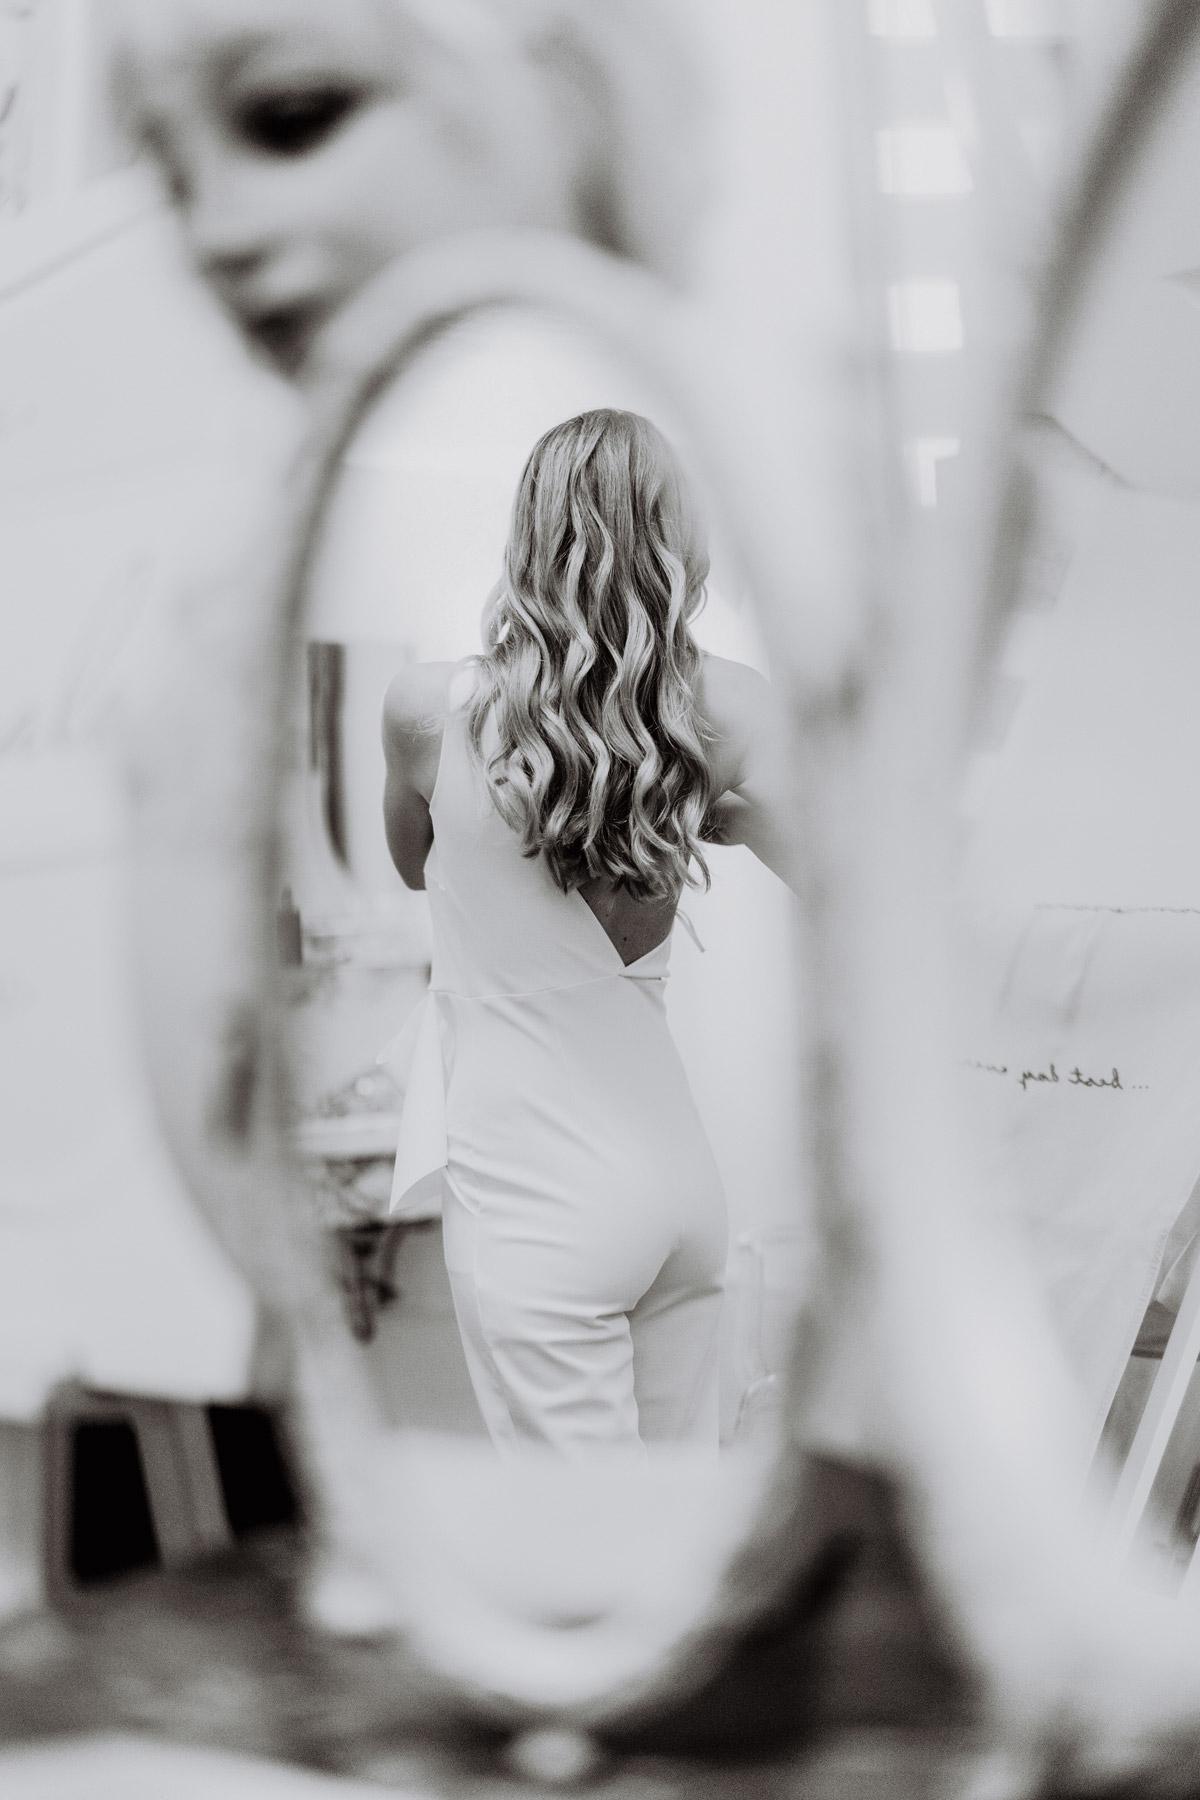 Standesamt Outfit Jumpsuit standesamtliche Hochzeit, Hochzeitsfrisur Braut mittellange Haare offen mit Locken, Braut beim Ankleiden Hochzeitsfoto Idee von Hochzeitsfotografin Berlin © www.hochzeitslicht.de #hochzeitslicht #brautfrisur #brautoutfit